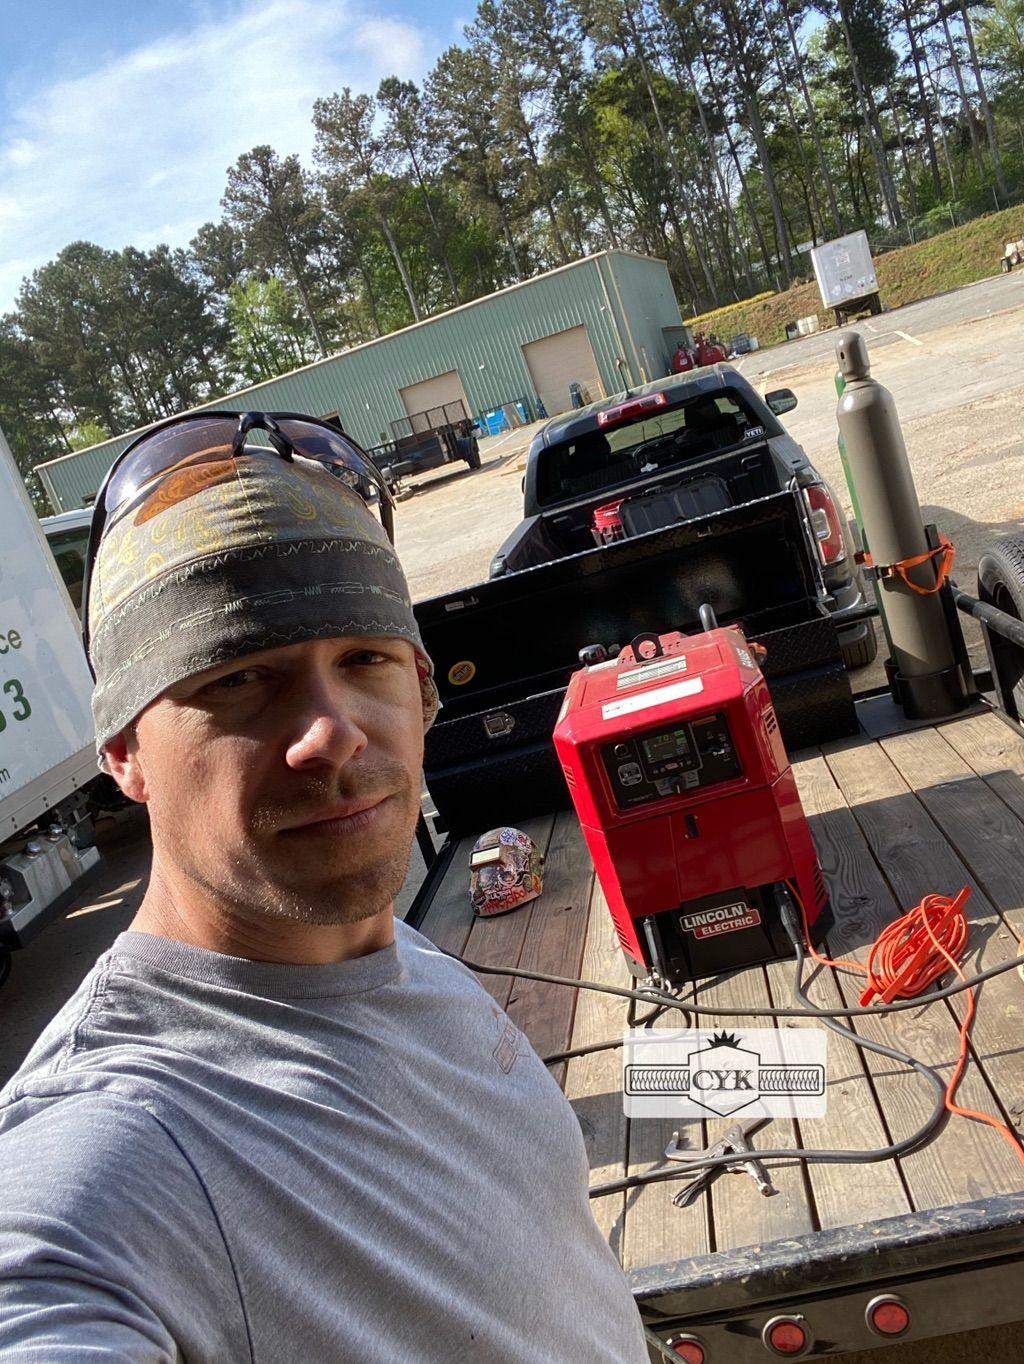 CYK Metalworks and Repair LLC